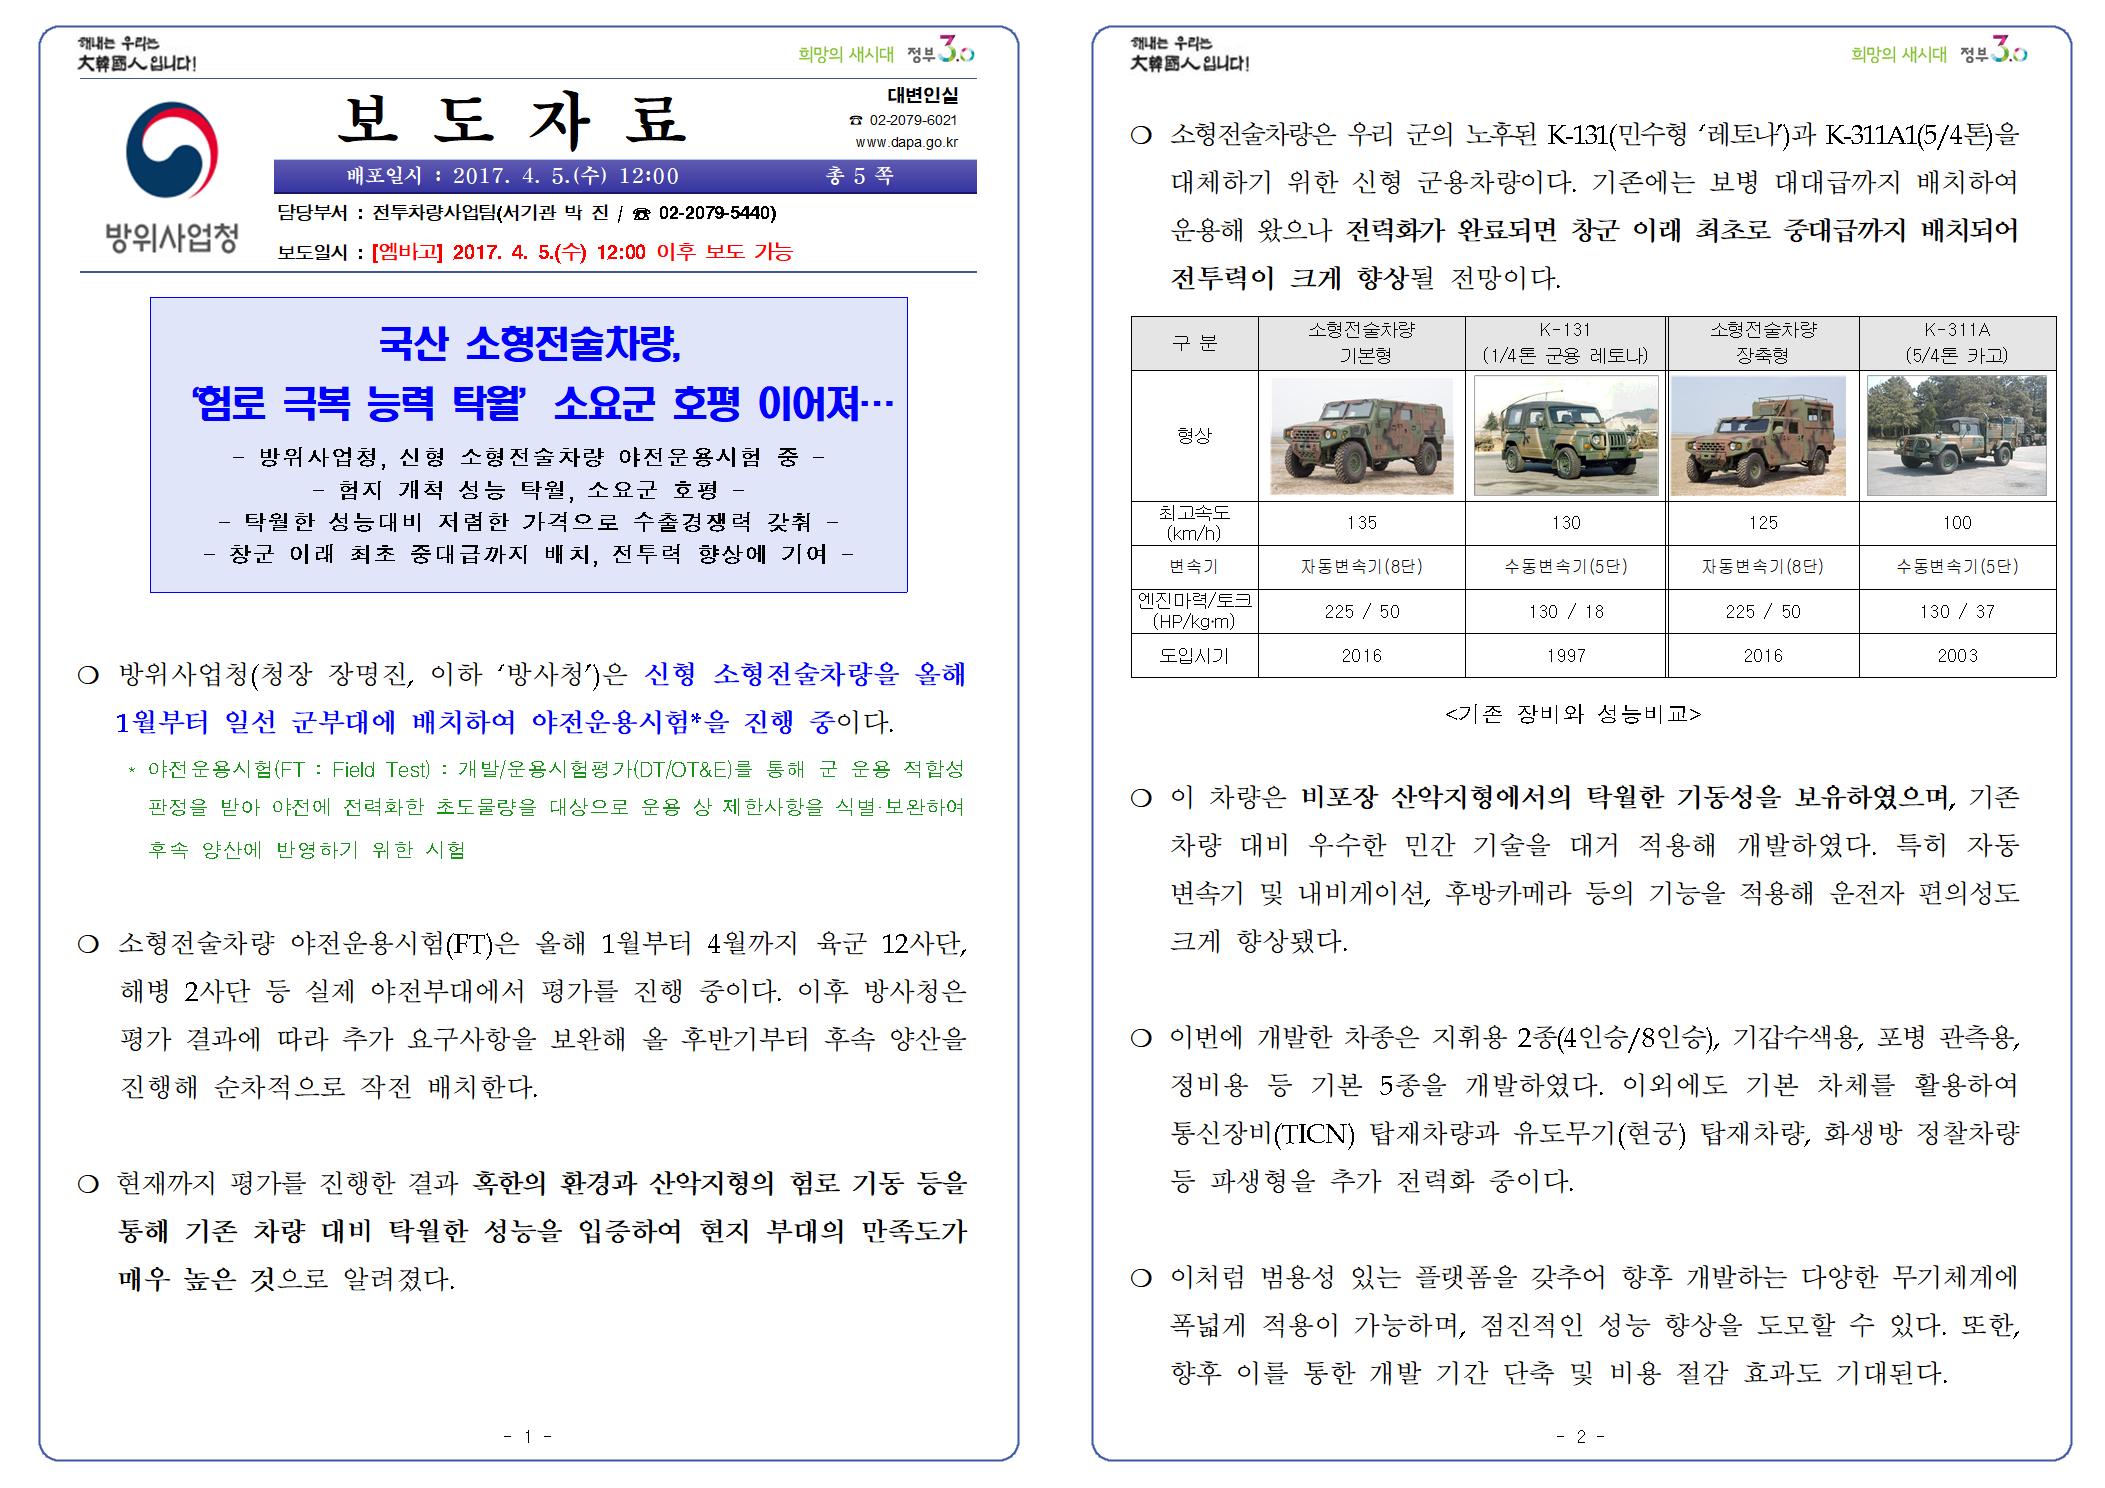 170405 %5B보도자료%5D 소형전술차량 야전운용시험001.png